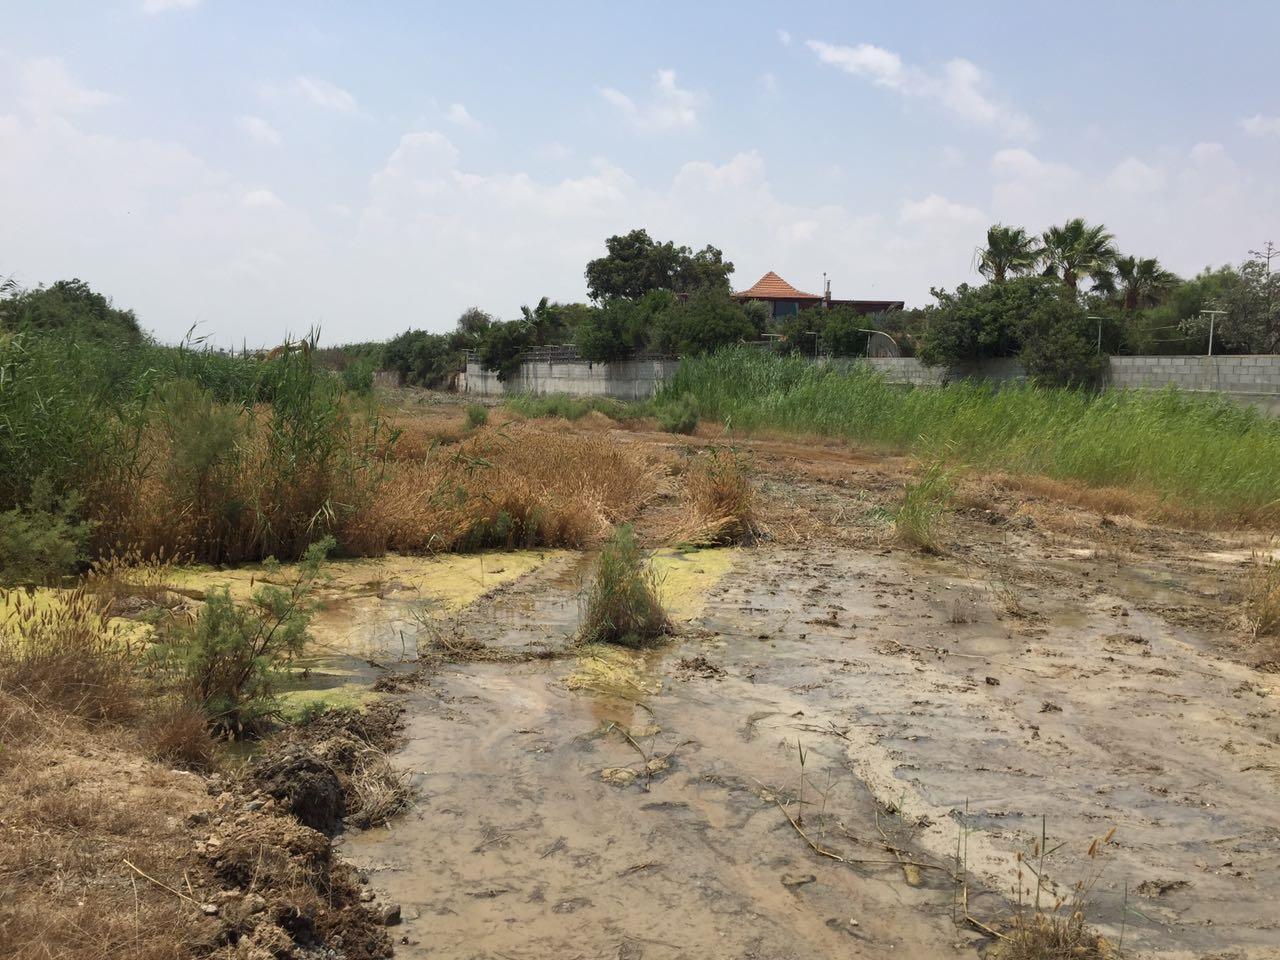 Χαώδης η κατάσταση κατά μήκος του ποταμού Λιβαδιών Λάρνακας